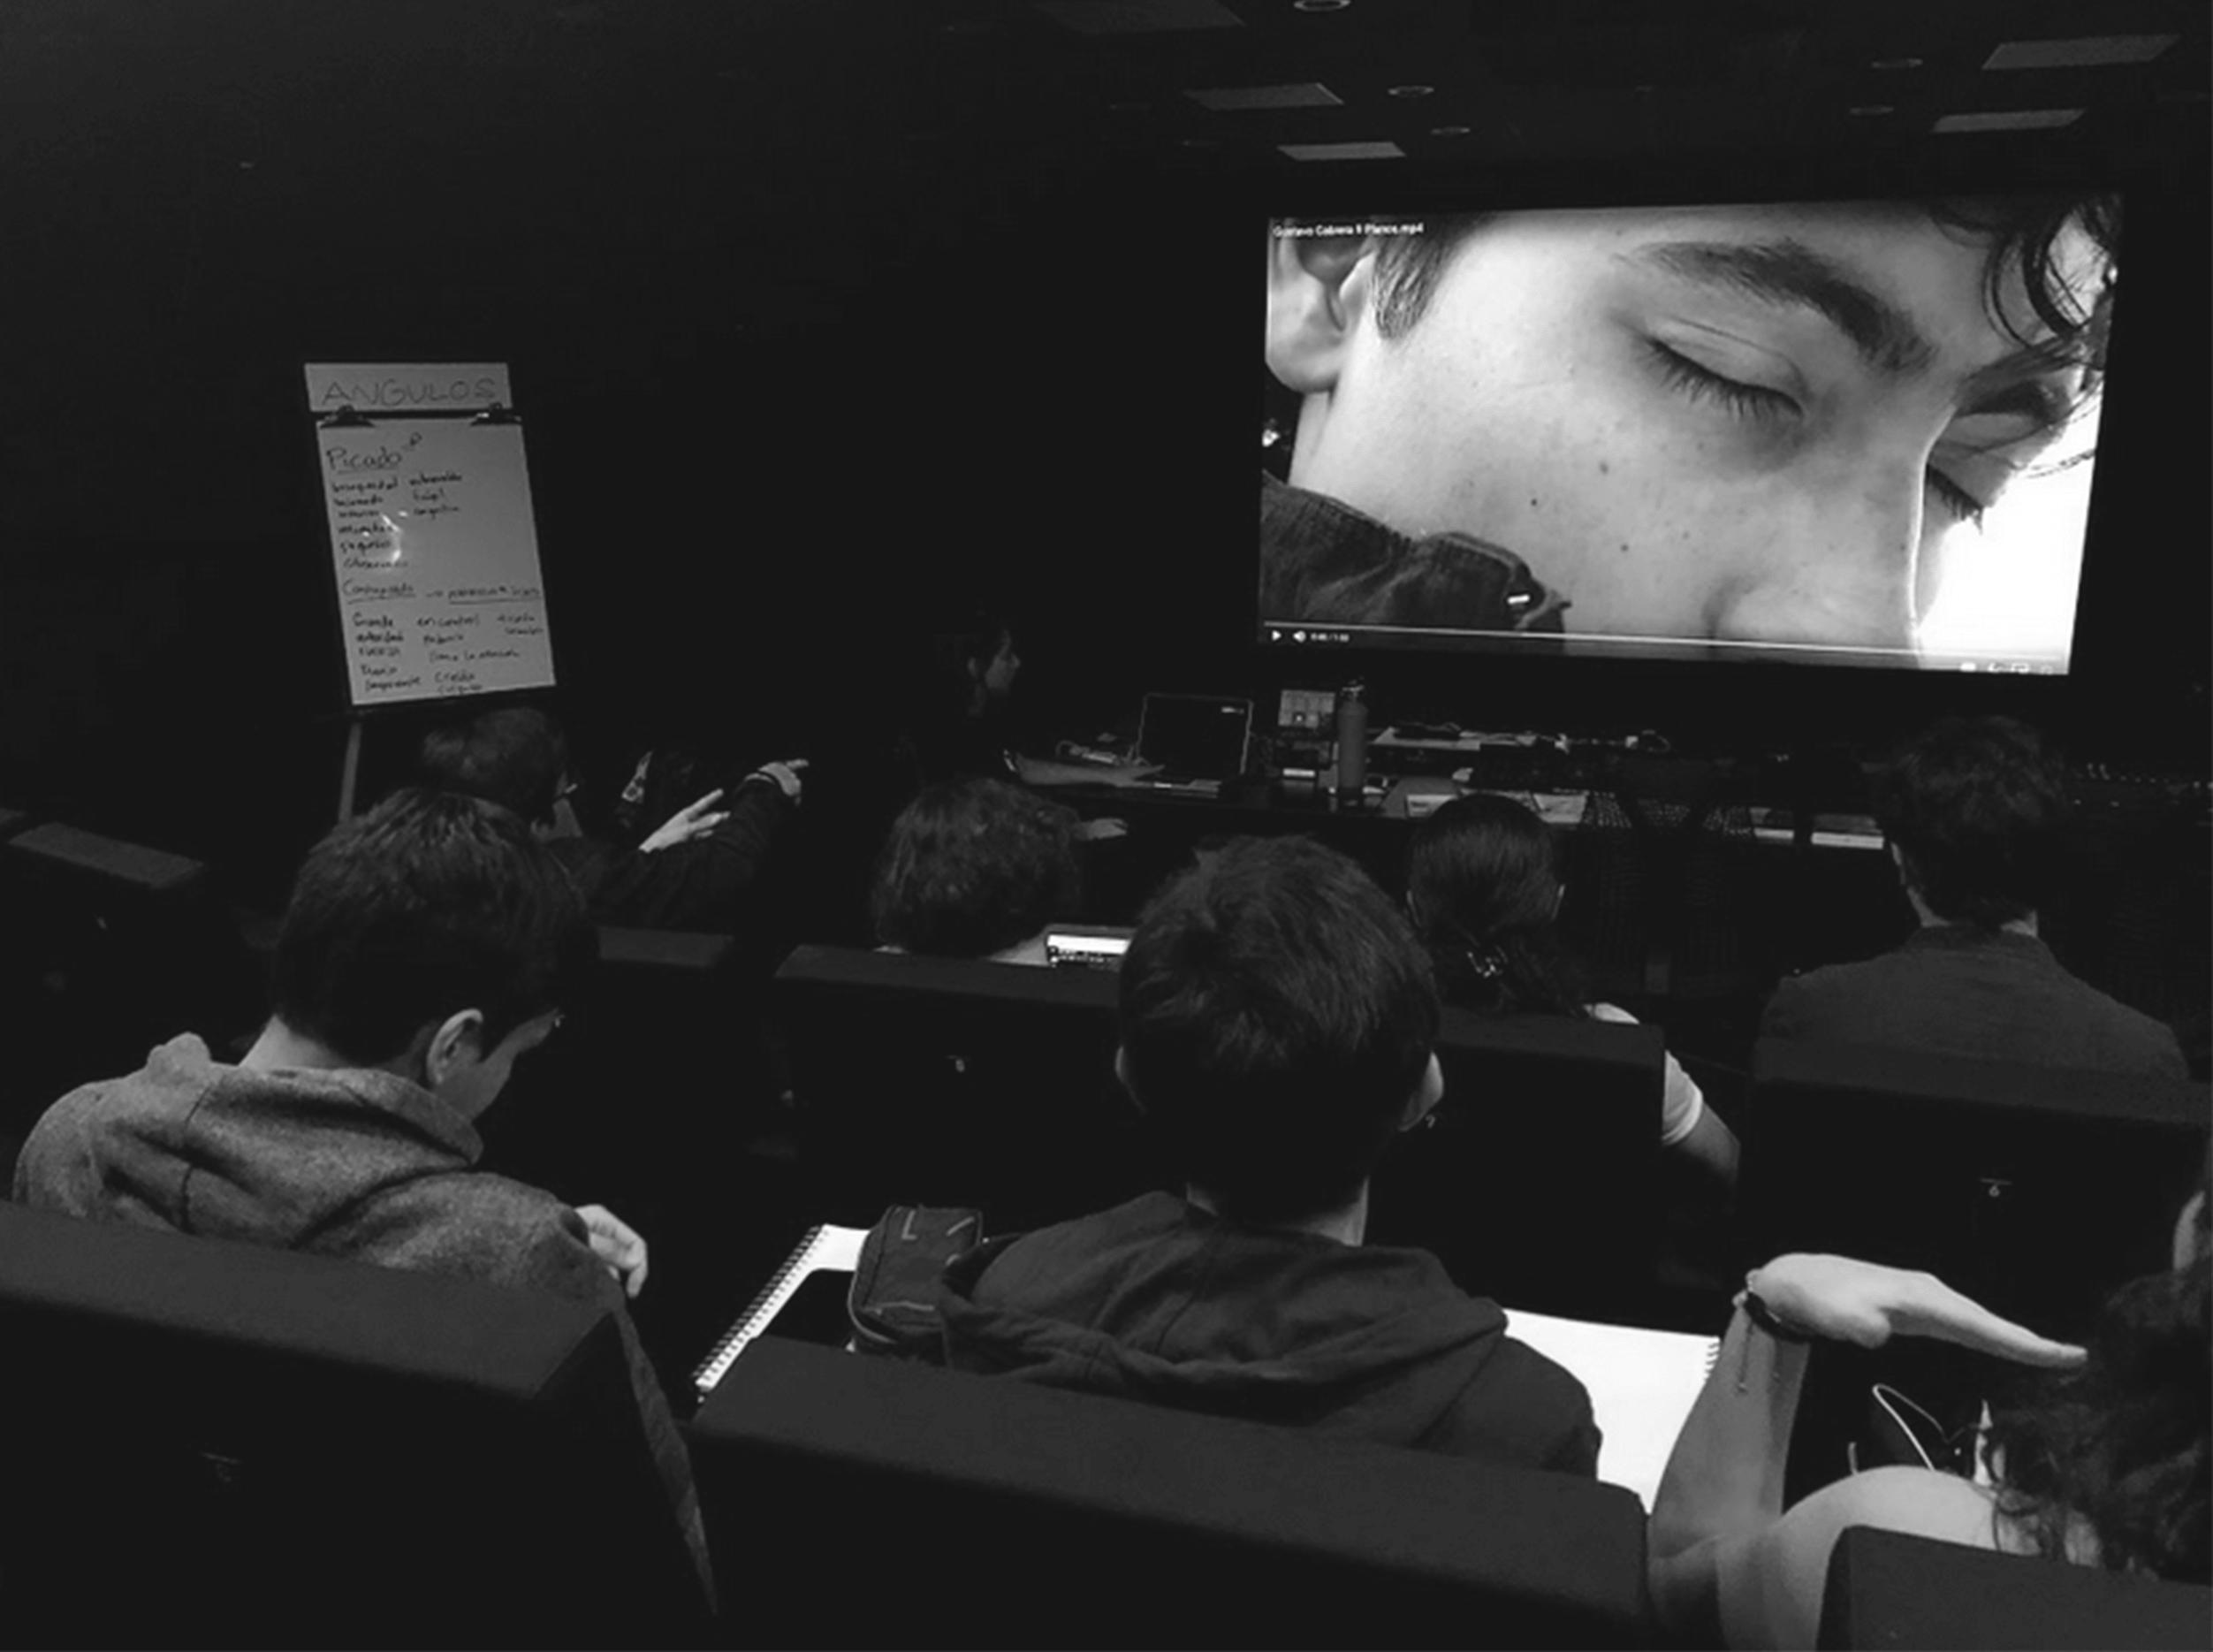 principios del lenguaje cinematográfico curso libre cine ufm con dácil manrique